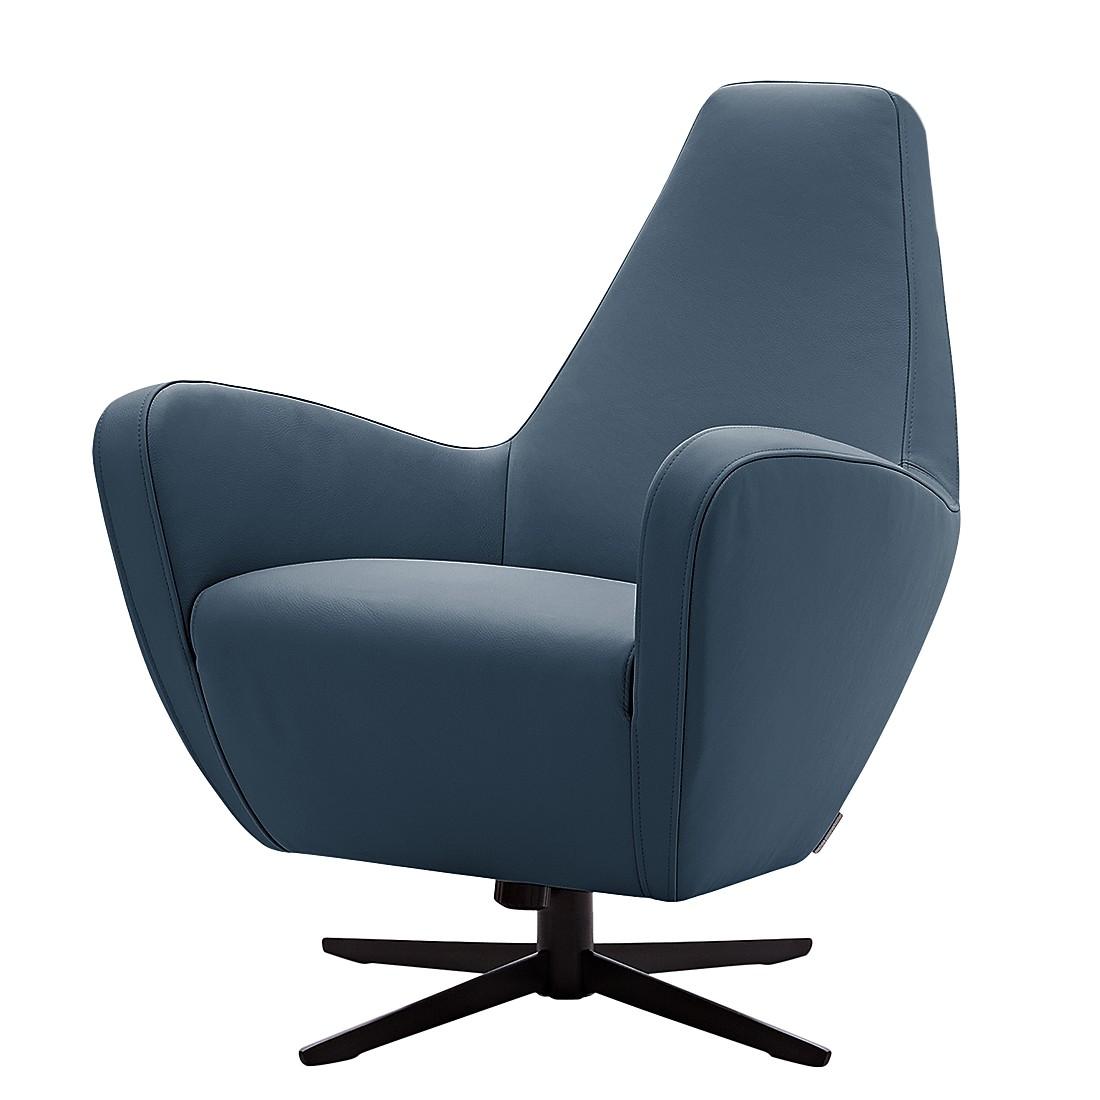 Sessel Polo I - Echtleder - Pulverschwarz - Marineblau, Machalke Polsterwerkstätten